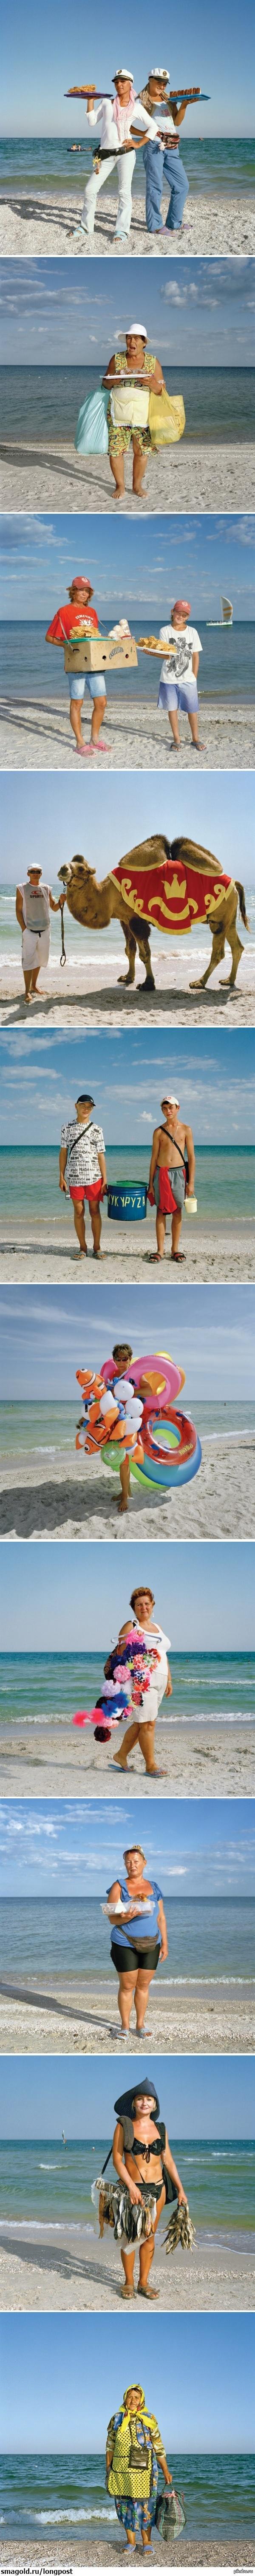 Пляжные торговцы Украины Вот наткнулся на неординарную фотосессию